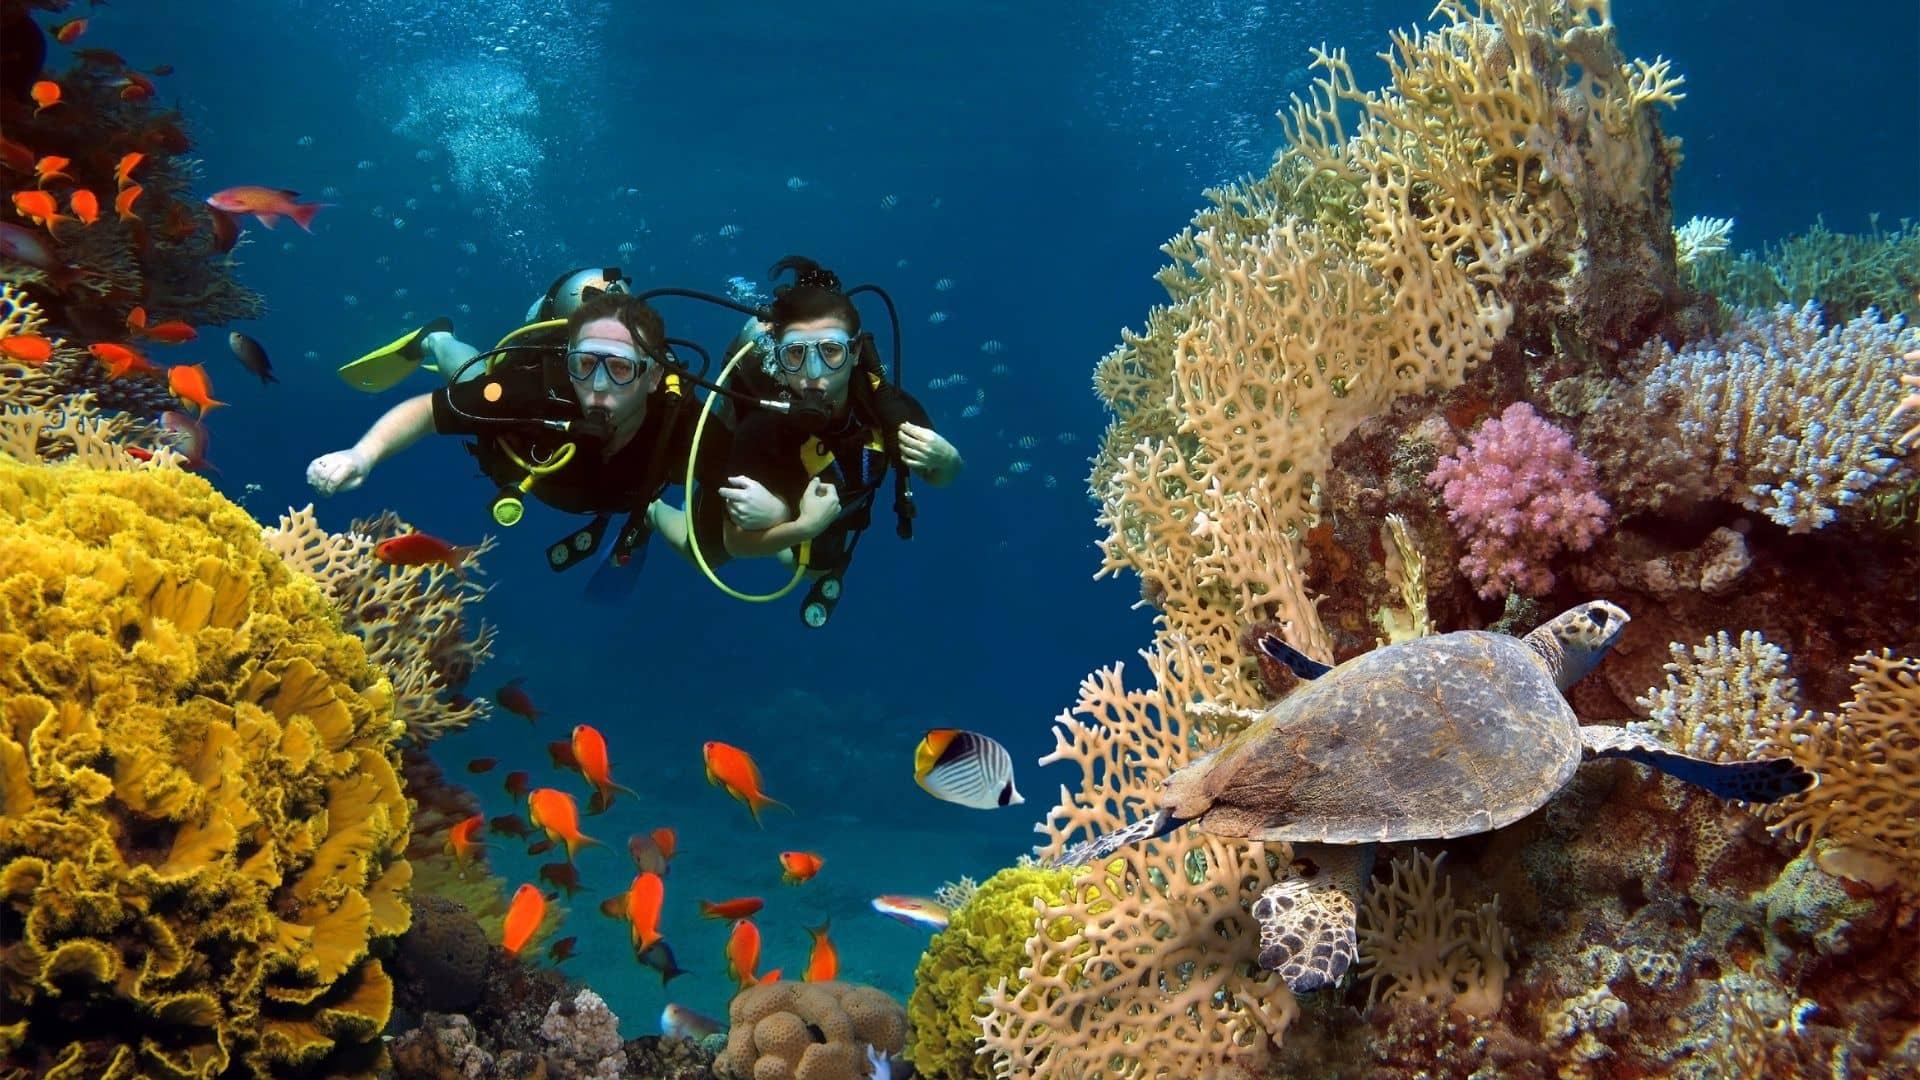 Viaja a Maldivas y disfruta de actividades acuáticas